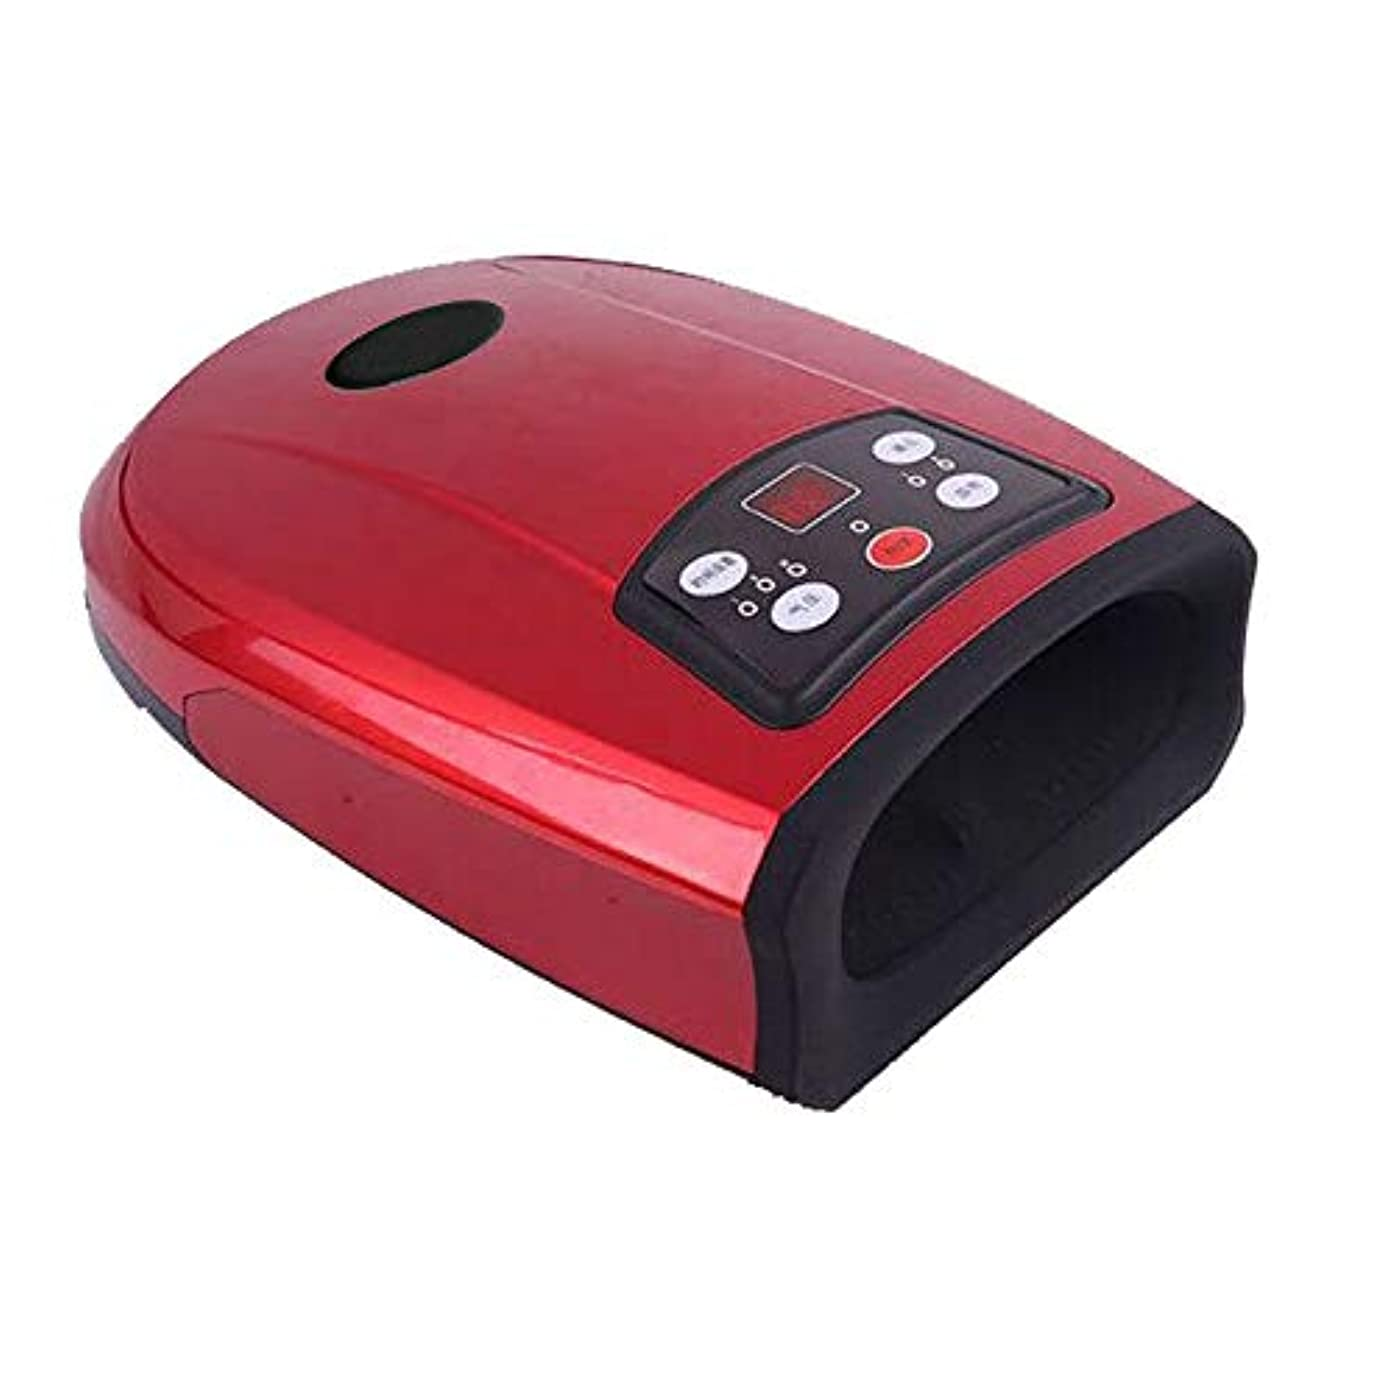 分離する夕食を作る枯渇する指のための空気圧熱圧縮装置が付いている指圧のやし手のマッサージ緊張のしびれの救助および血の循環の加速,Red